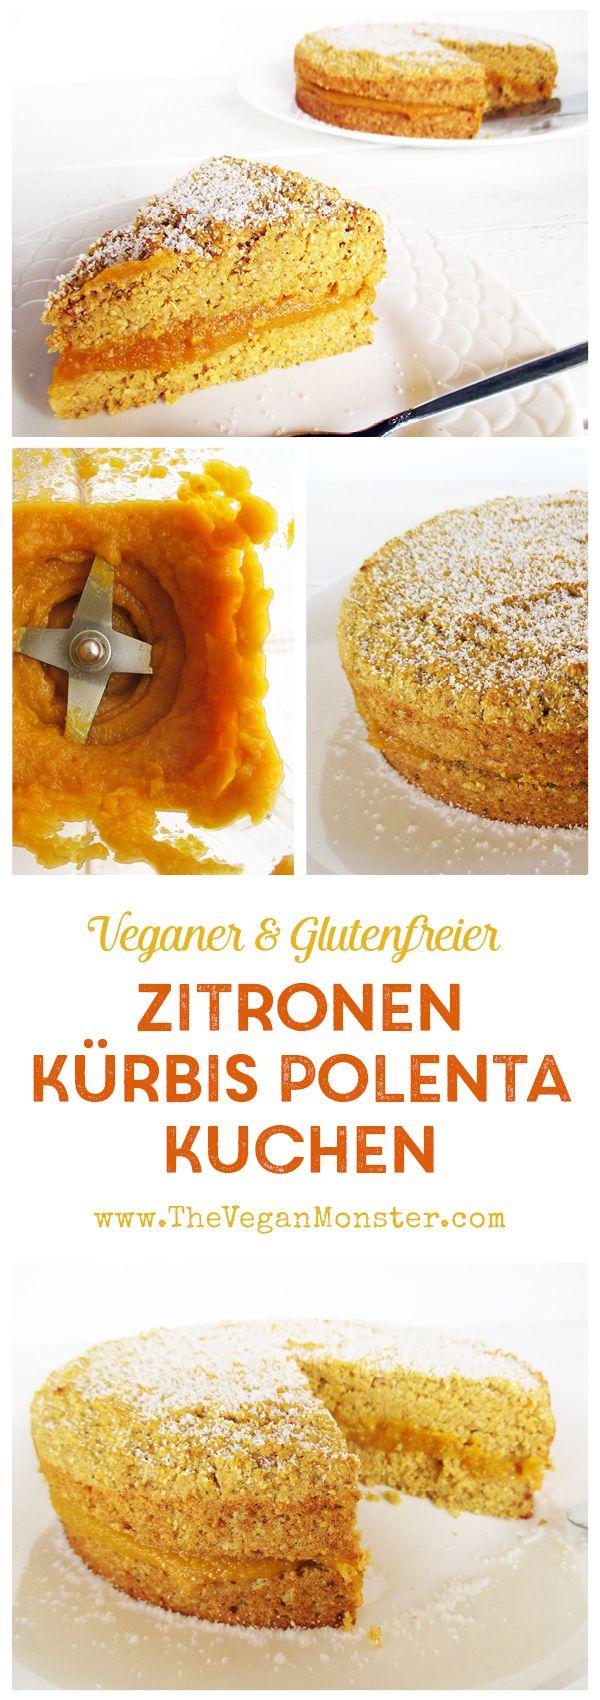 Veganer Glutenfreier Milchfreier Zitronen Kürbis Polenta Kuchen ohne Ei und ohne Öl (Halloween Bake)